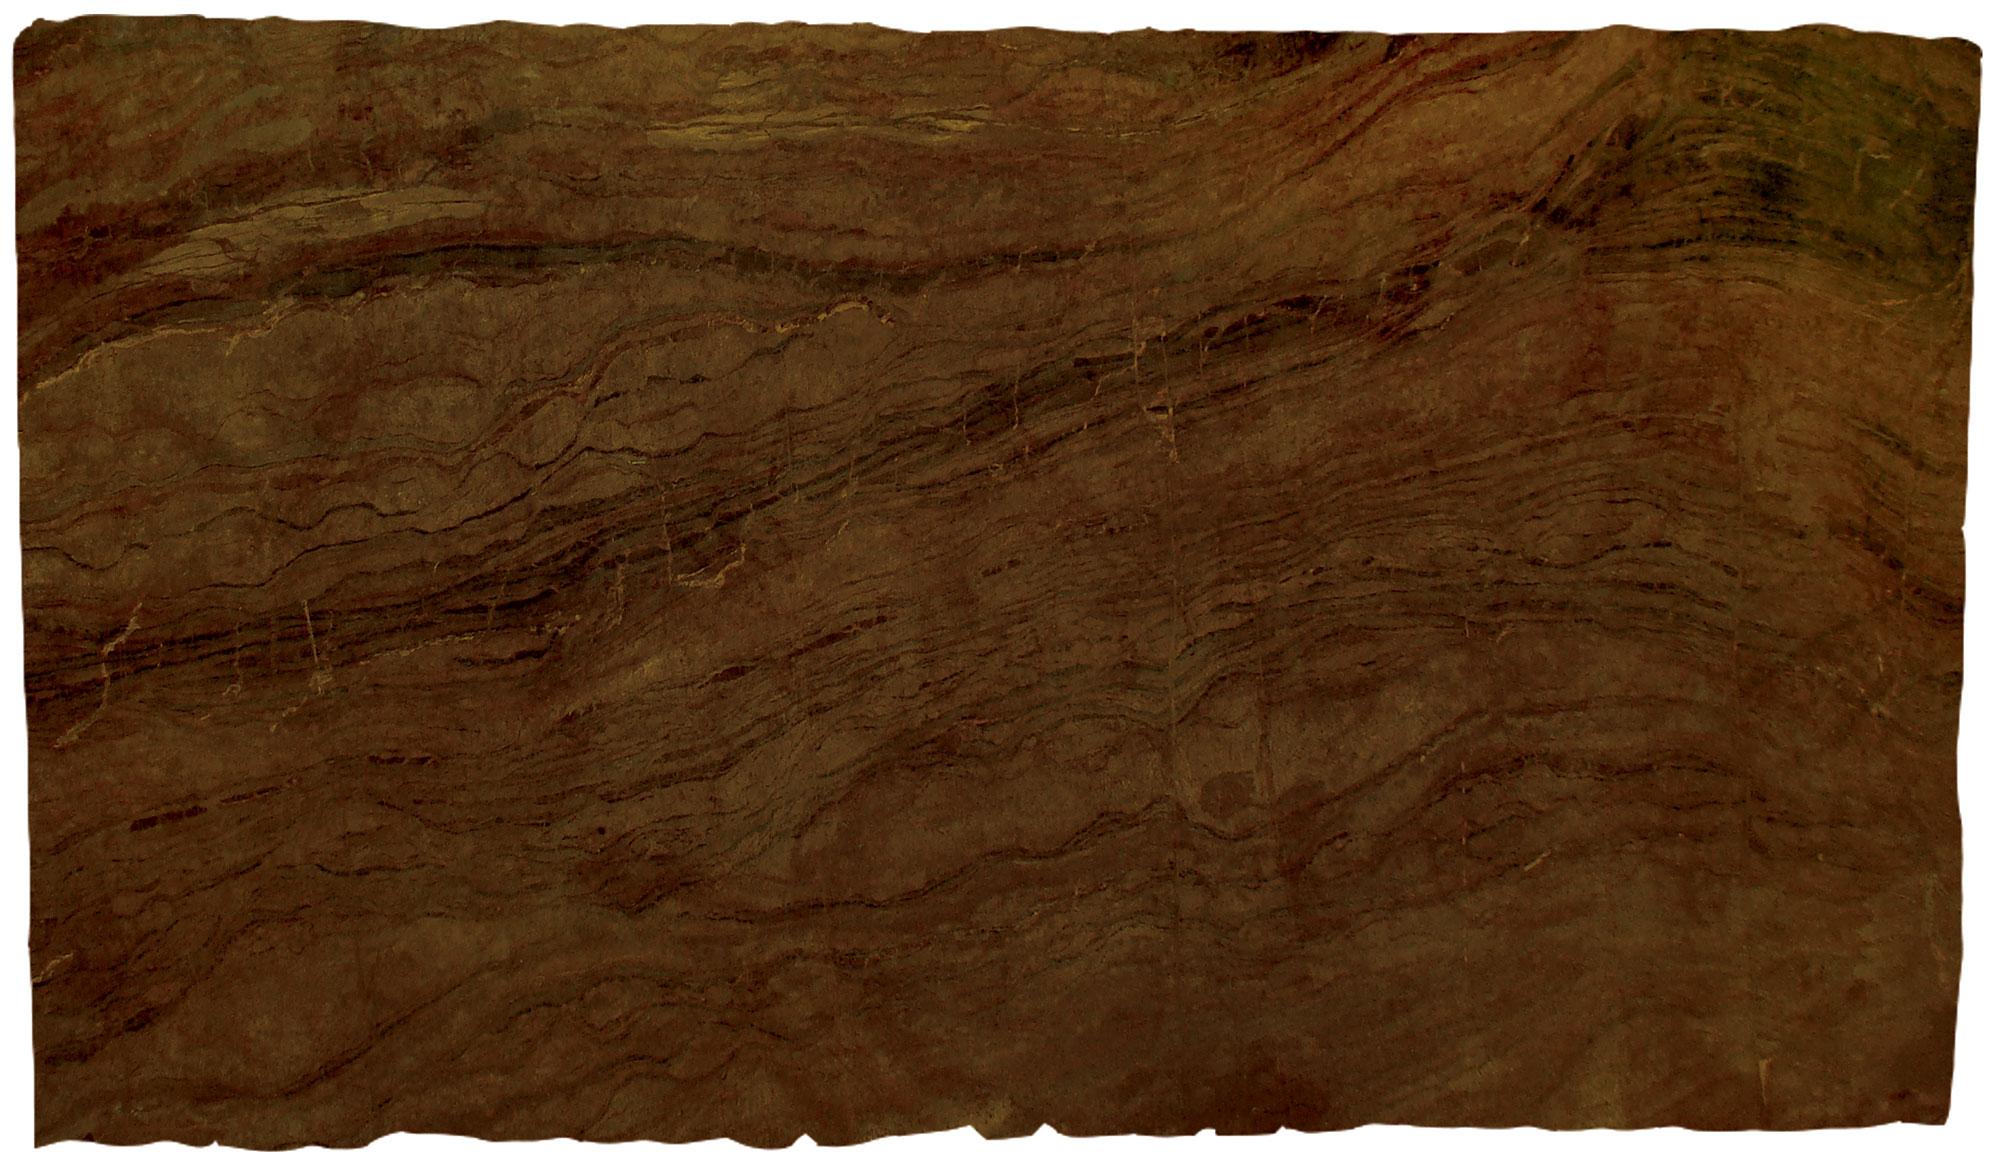 Bronzite Quartzite Stones - Decolores